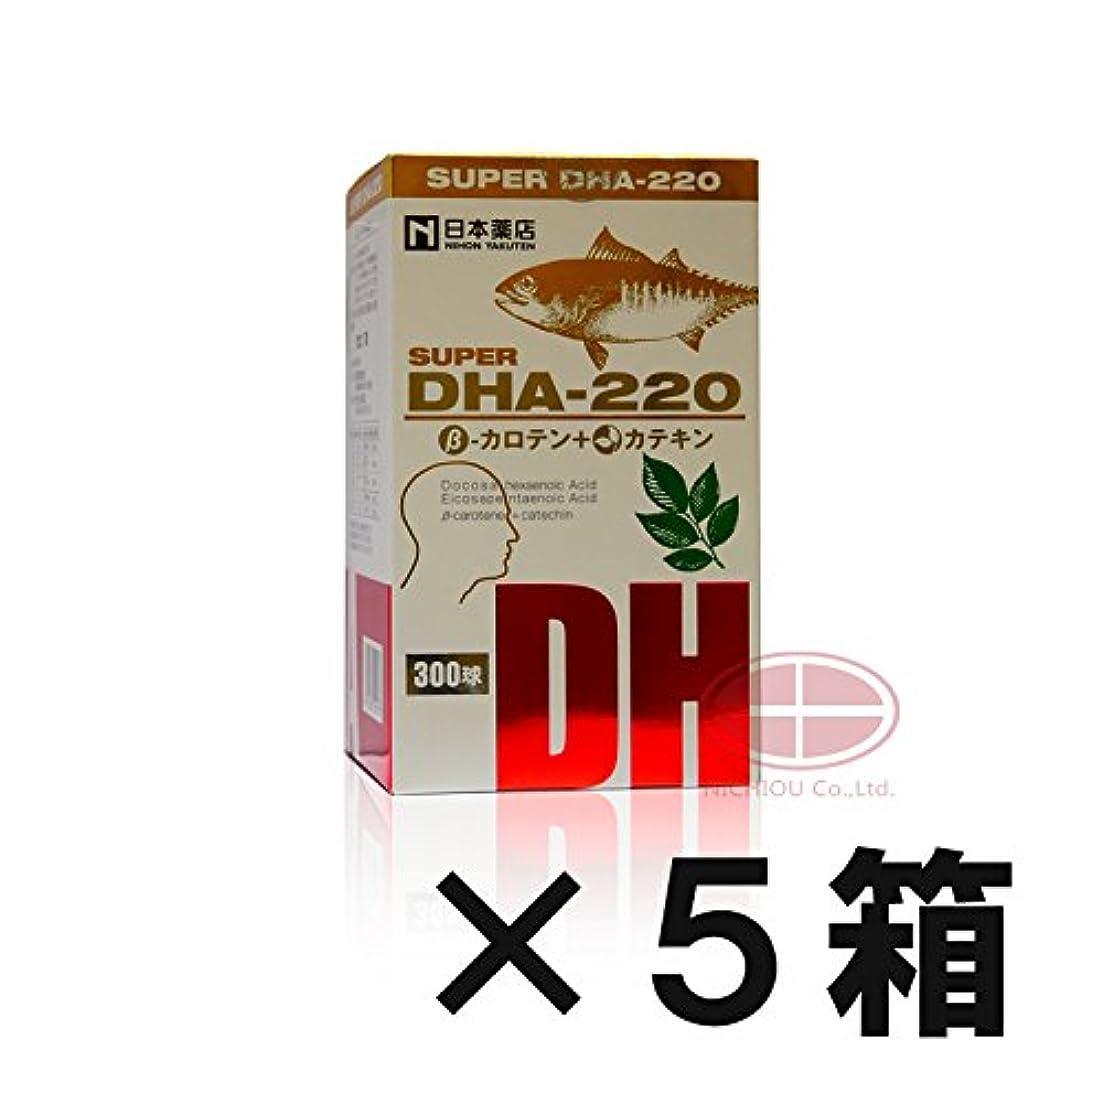 シティ未接続文明化薬王製薬 スーパーDHA220 βカロテン+カテキン 300粒 (5)